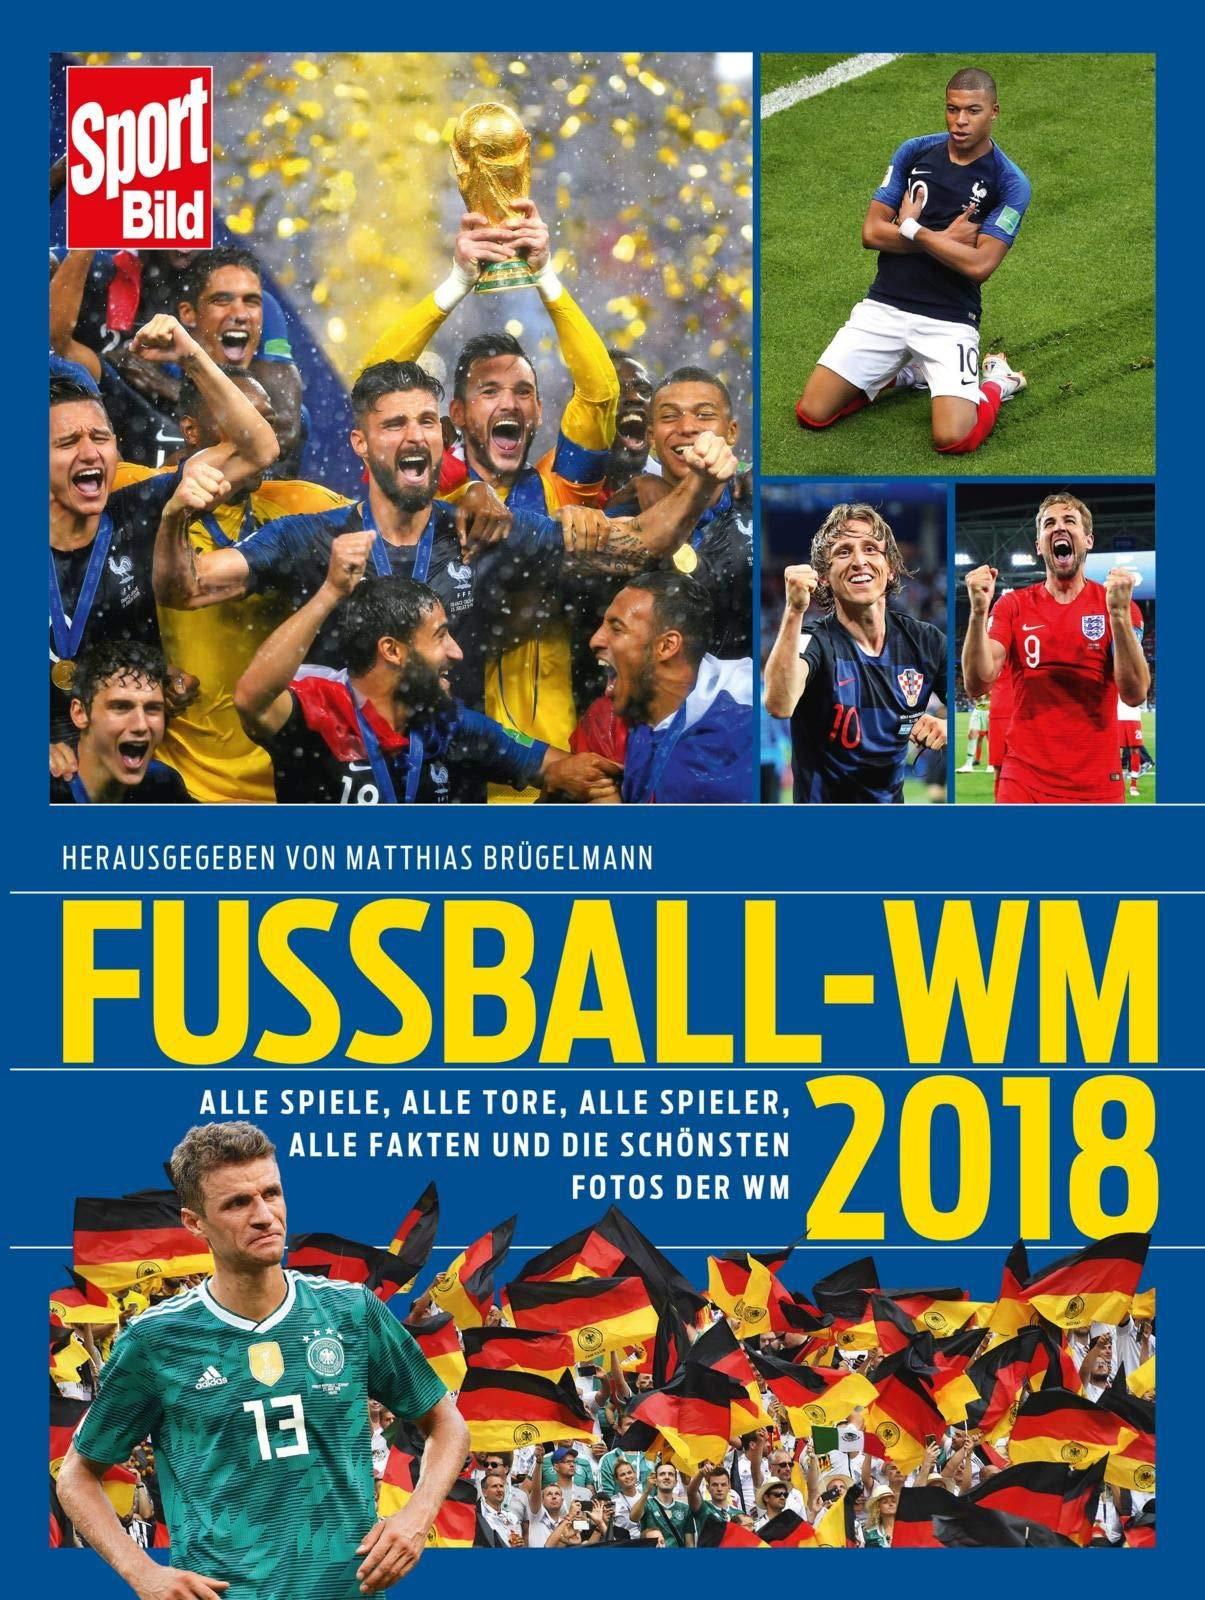 Fussball Wm 2018 Alle Spiele Alle Tore Alle Spieler Alle